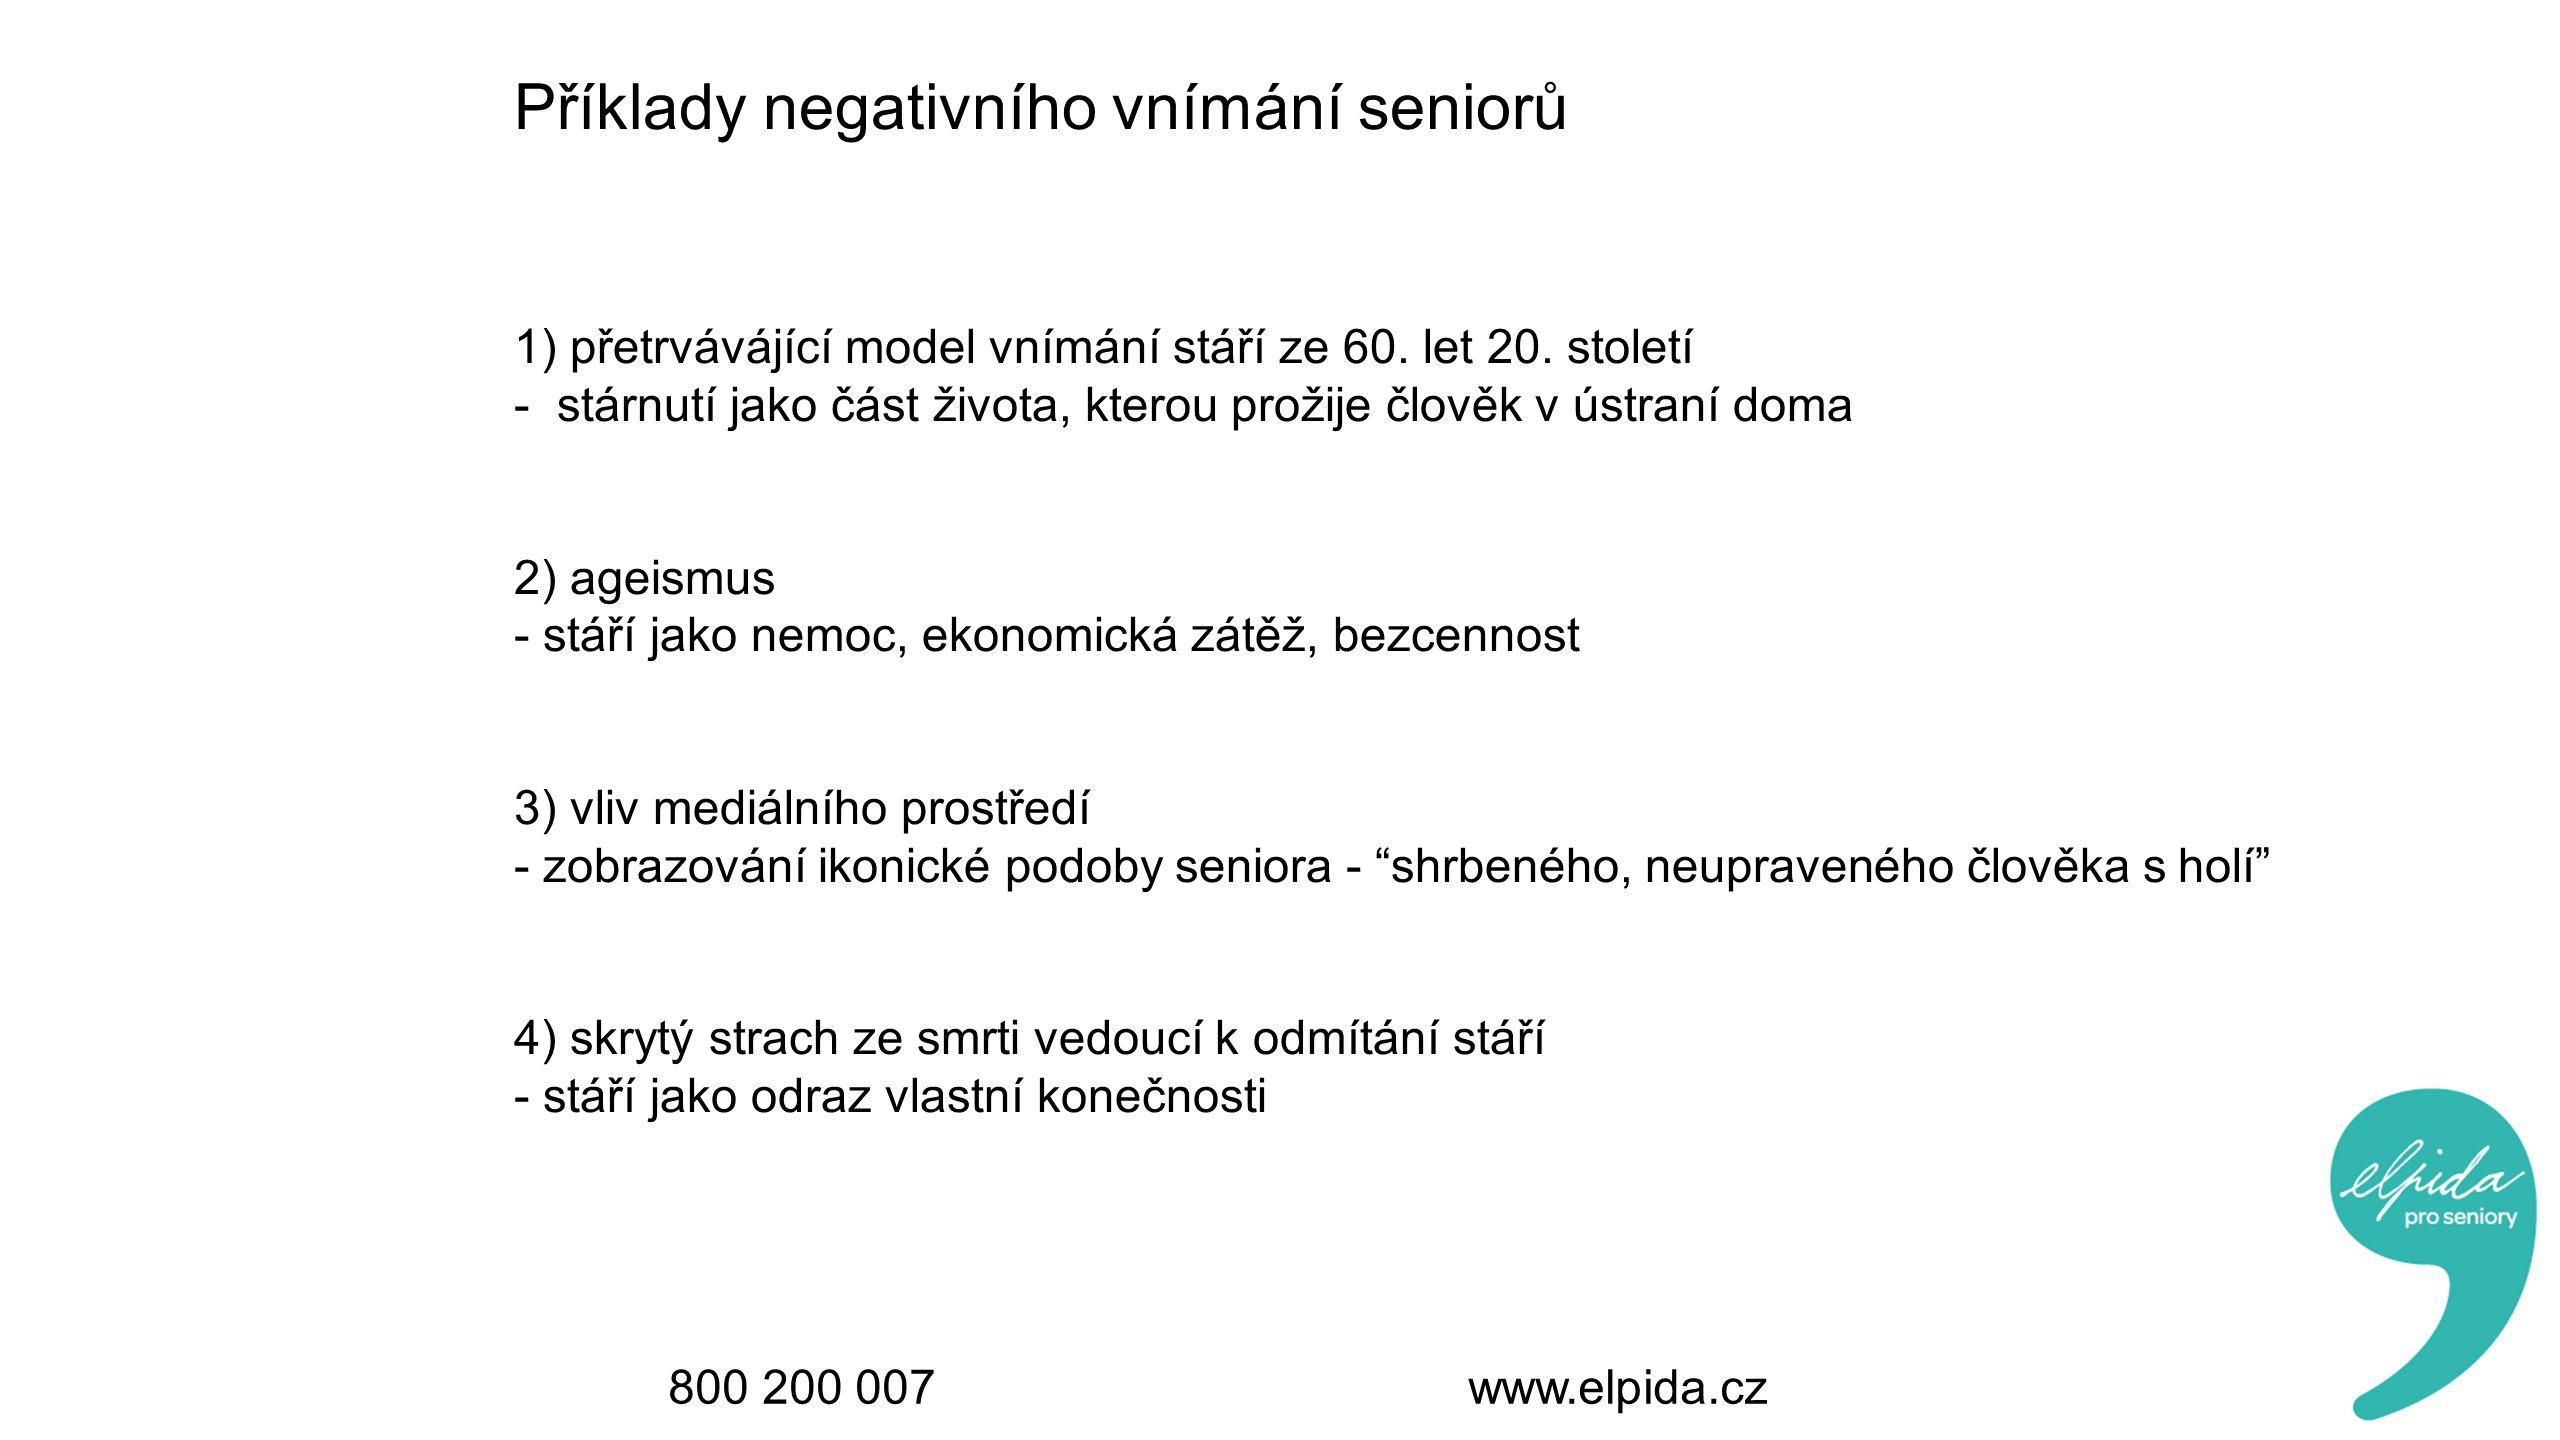 800 200 007 www.elpida.cz Příklady negativního vnímání seniorů 1) přetrvávájící model vnímání stáří ze 60.